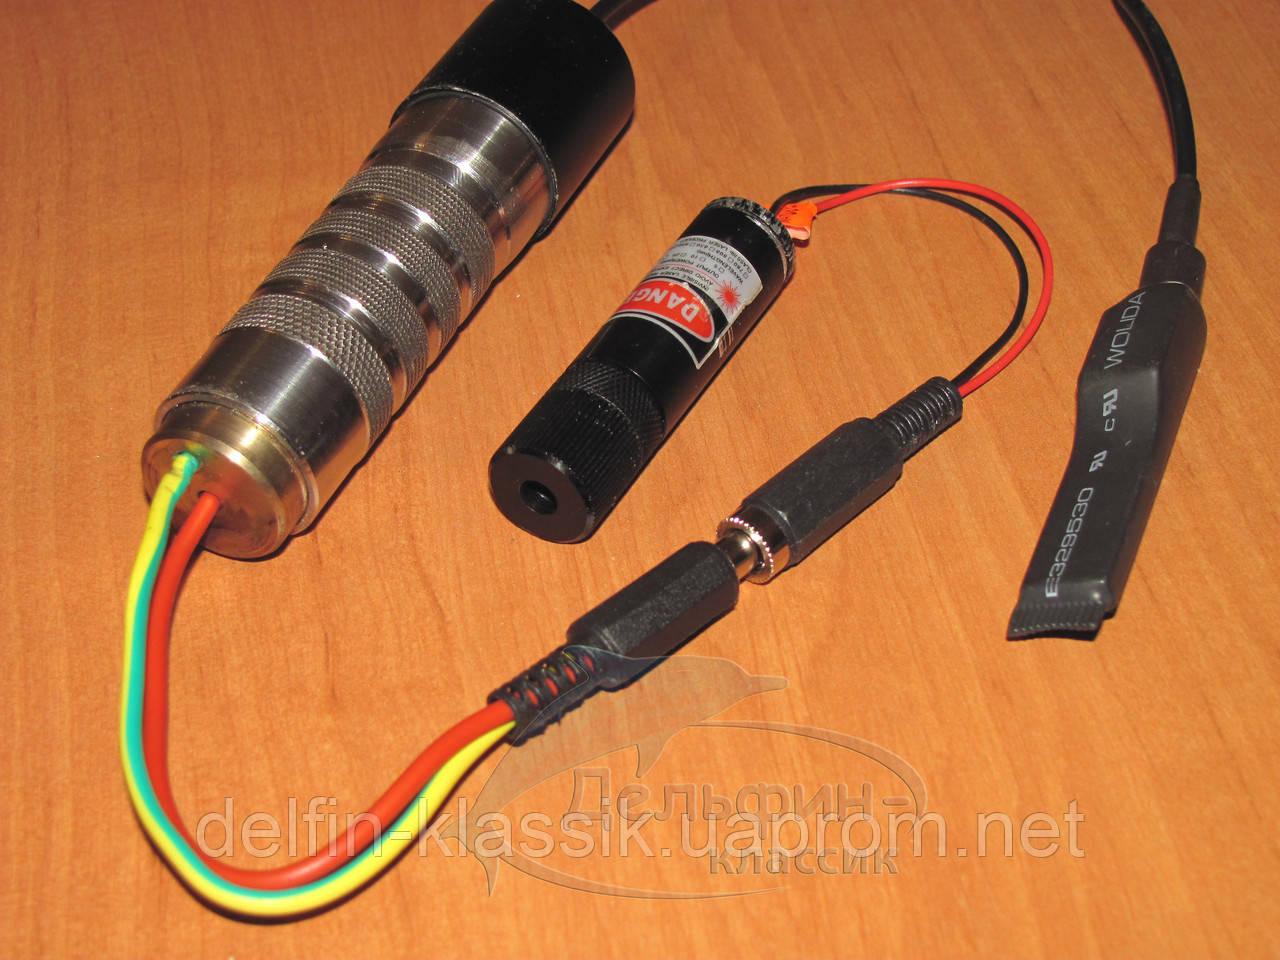 Как сделать инфракрасный фонарик своими руками6